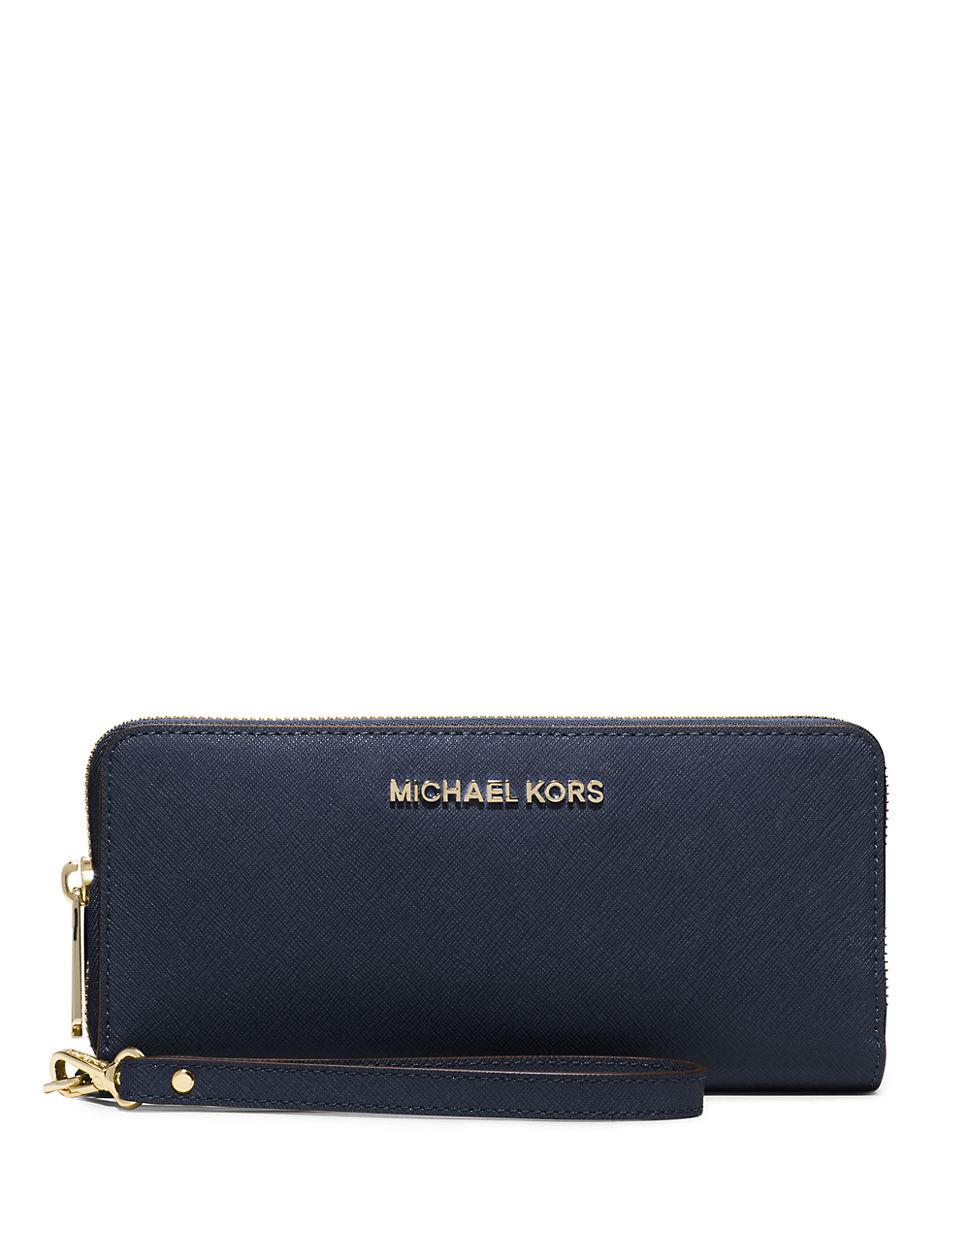 michael michael kors jet set leather travel wristlet in blue lyst. Black Bedroom Furniture Sets. Home Design Ideas